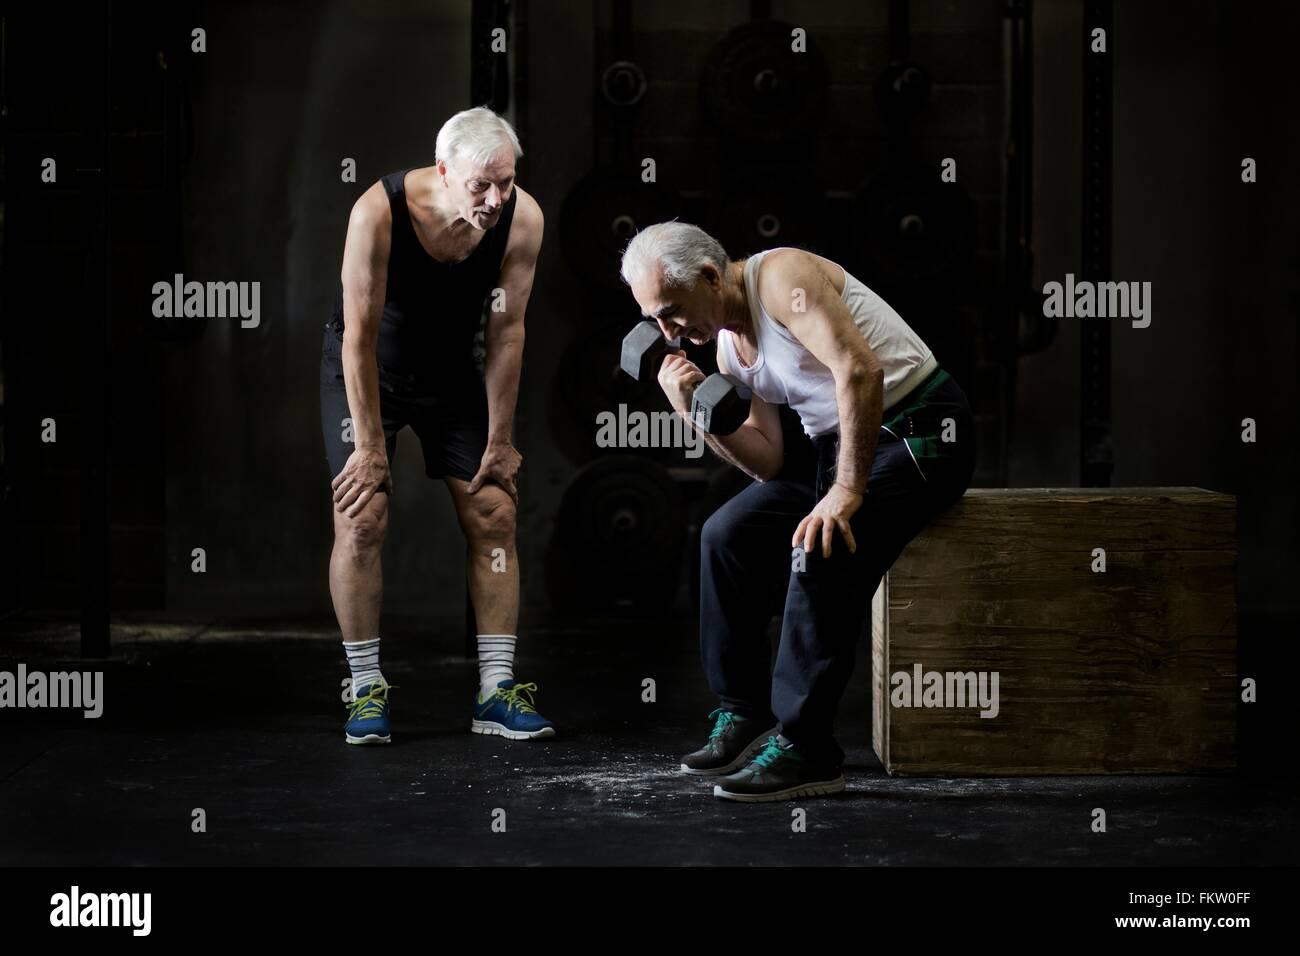 Senior men training with dumbbell in dark gym - Stock Image